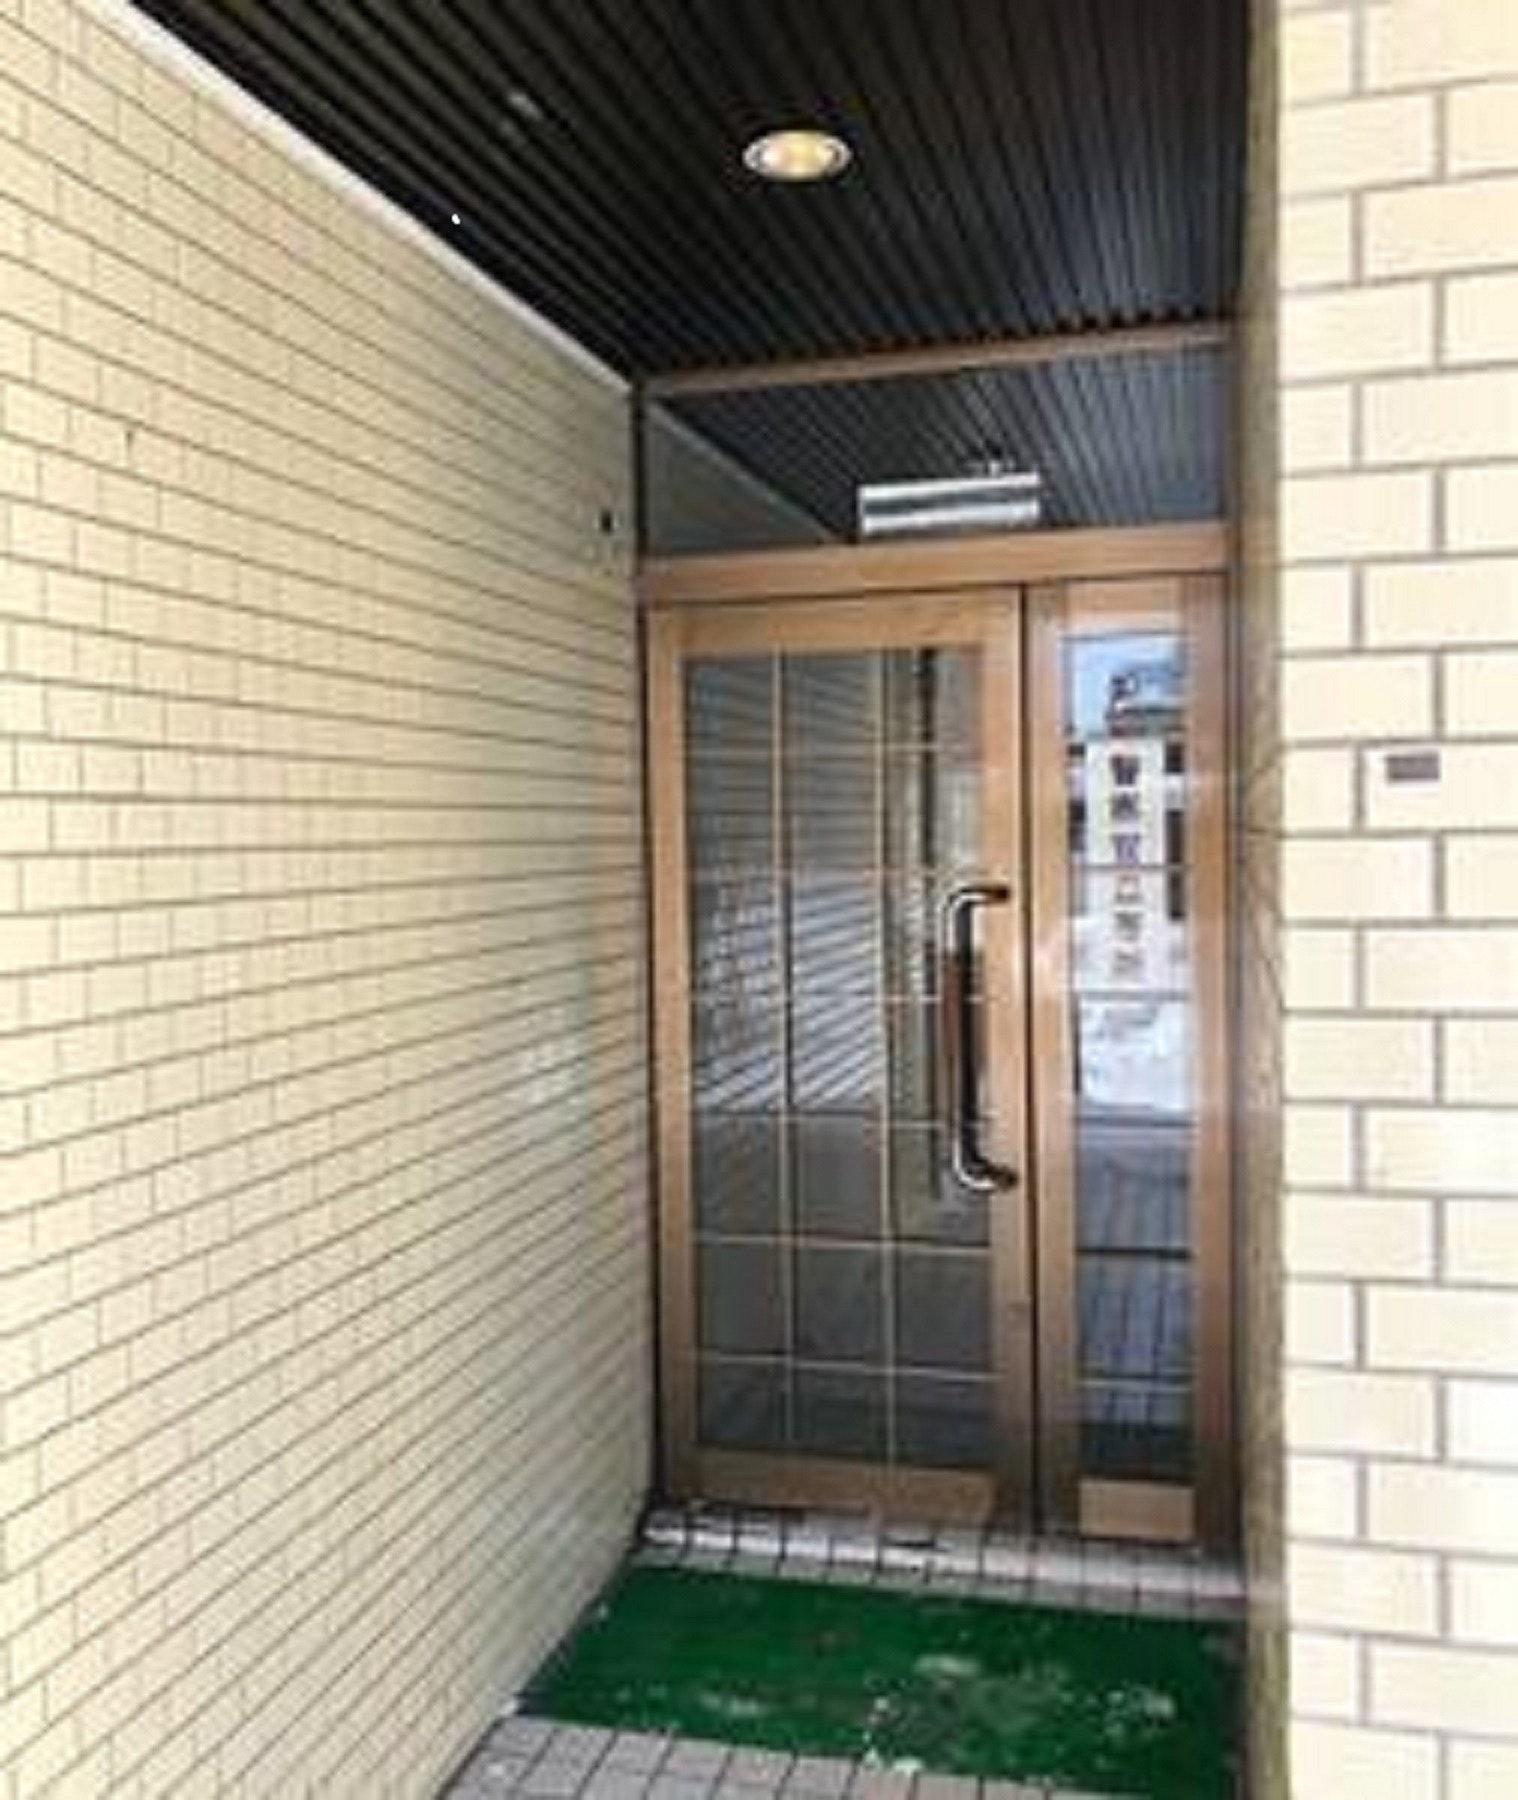 703号室、1DK、ダブルベッド1台、布団1枚。地下鉄東西線菊水駅徒歩1分、JR札幌駅タクシー8分